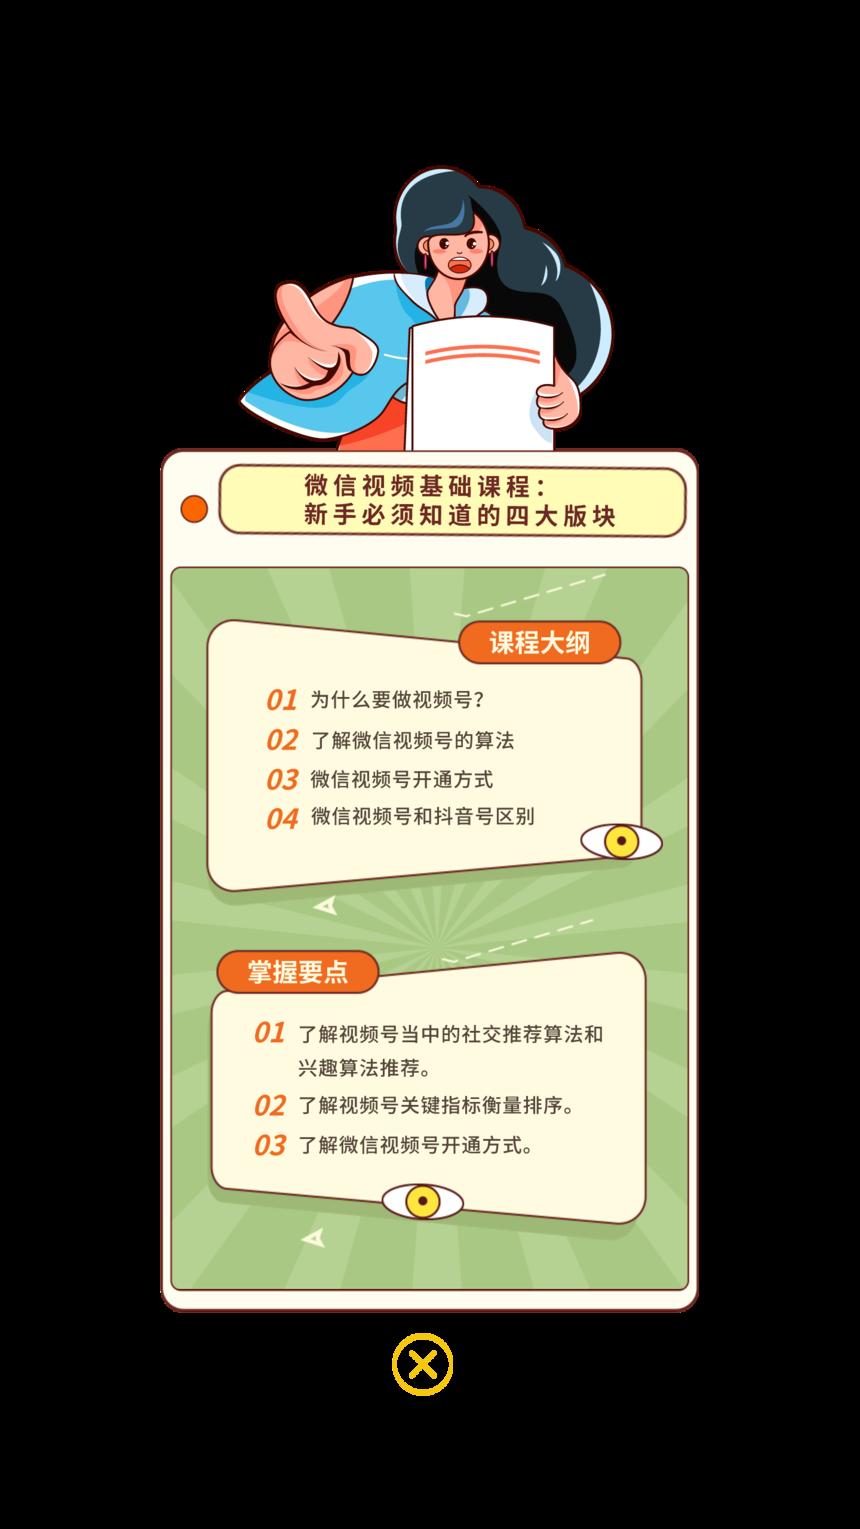 【第3550期】微信视频基础课程:新手必须知道的四大版块.png